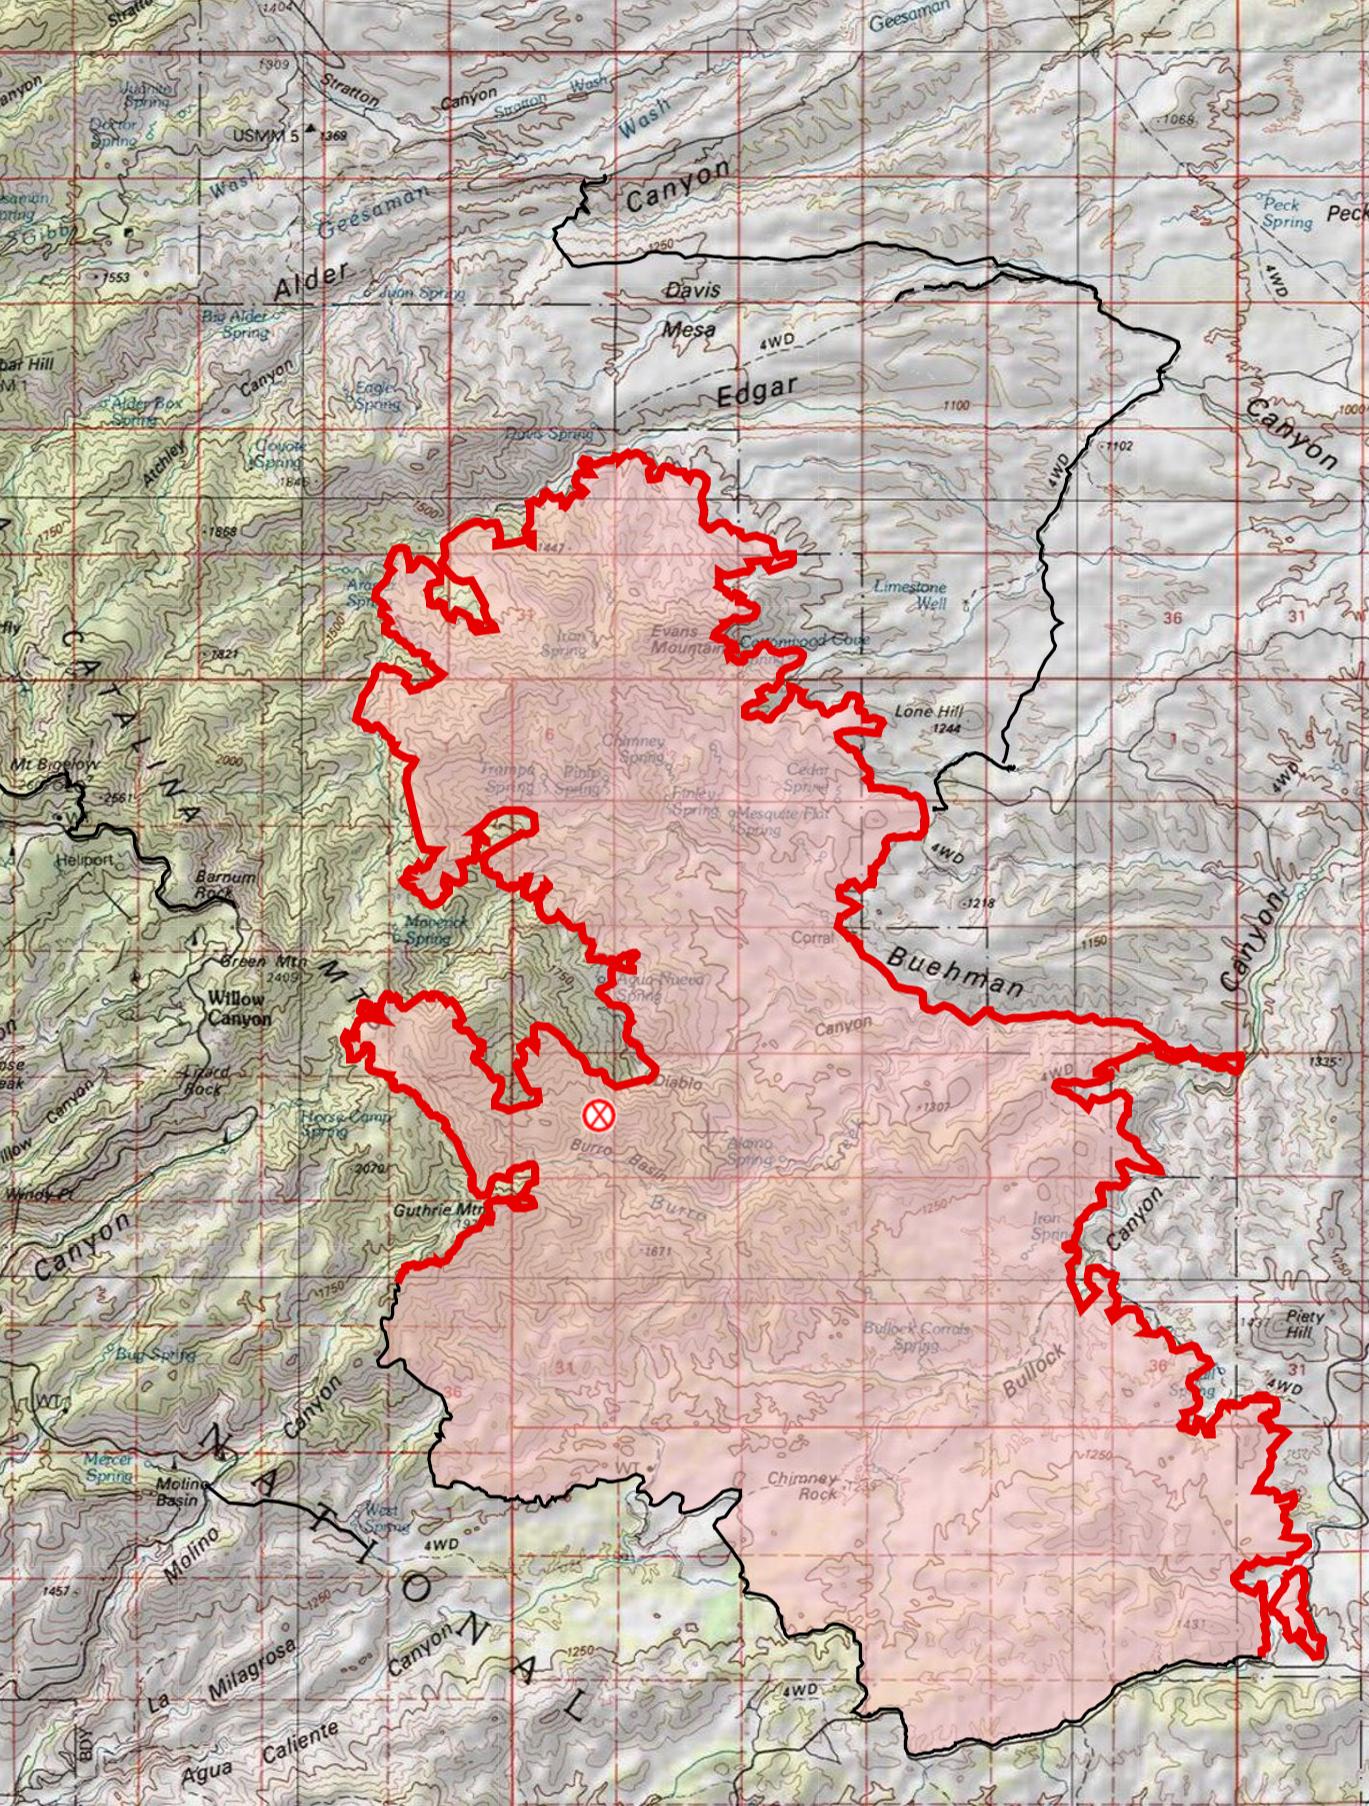 buehman canyon | Hike Lemmon!